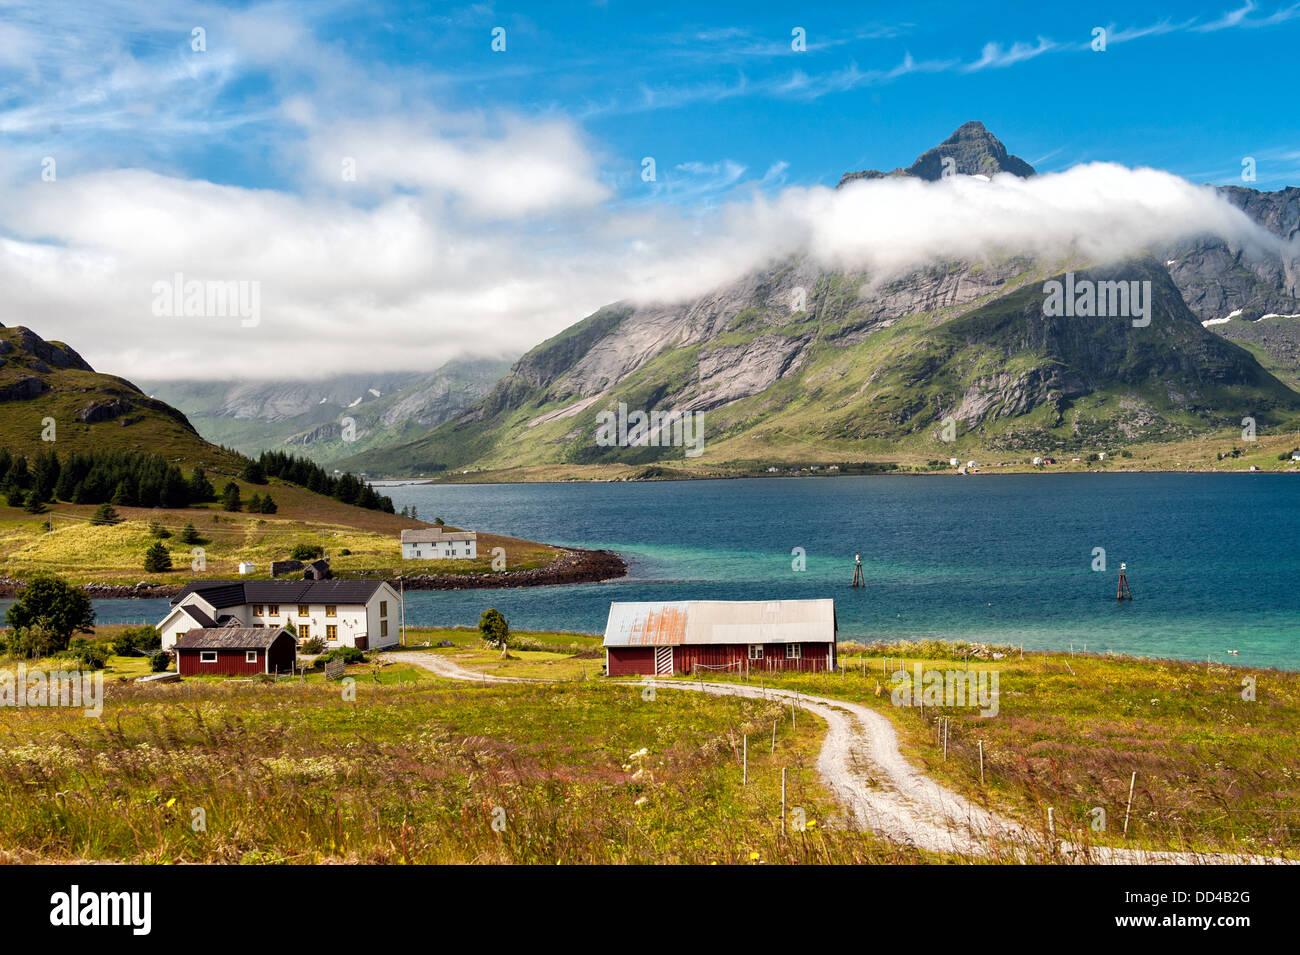 Clouds over Lofoten Islands, Norway - Stock Image